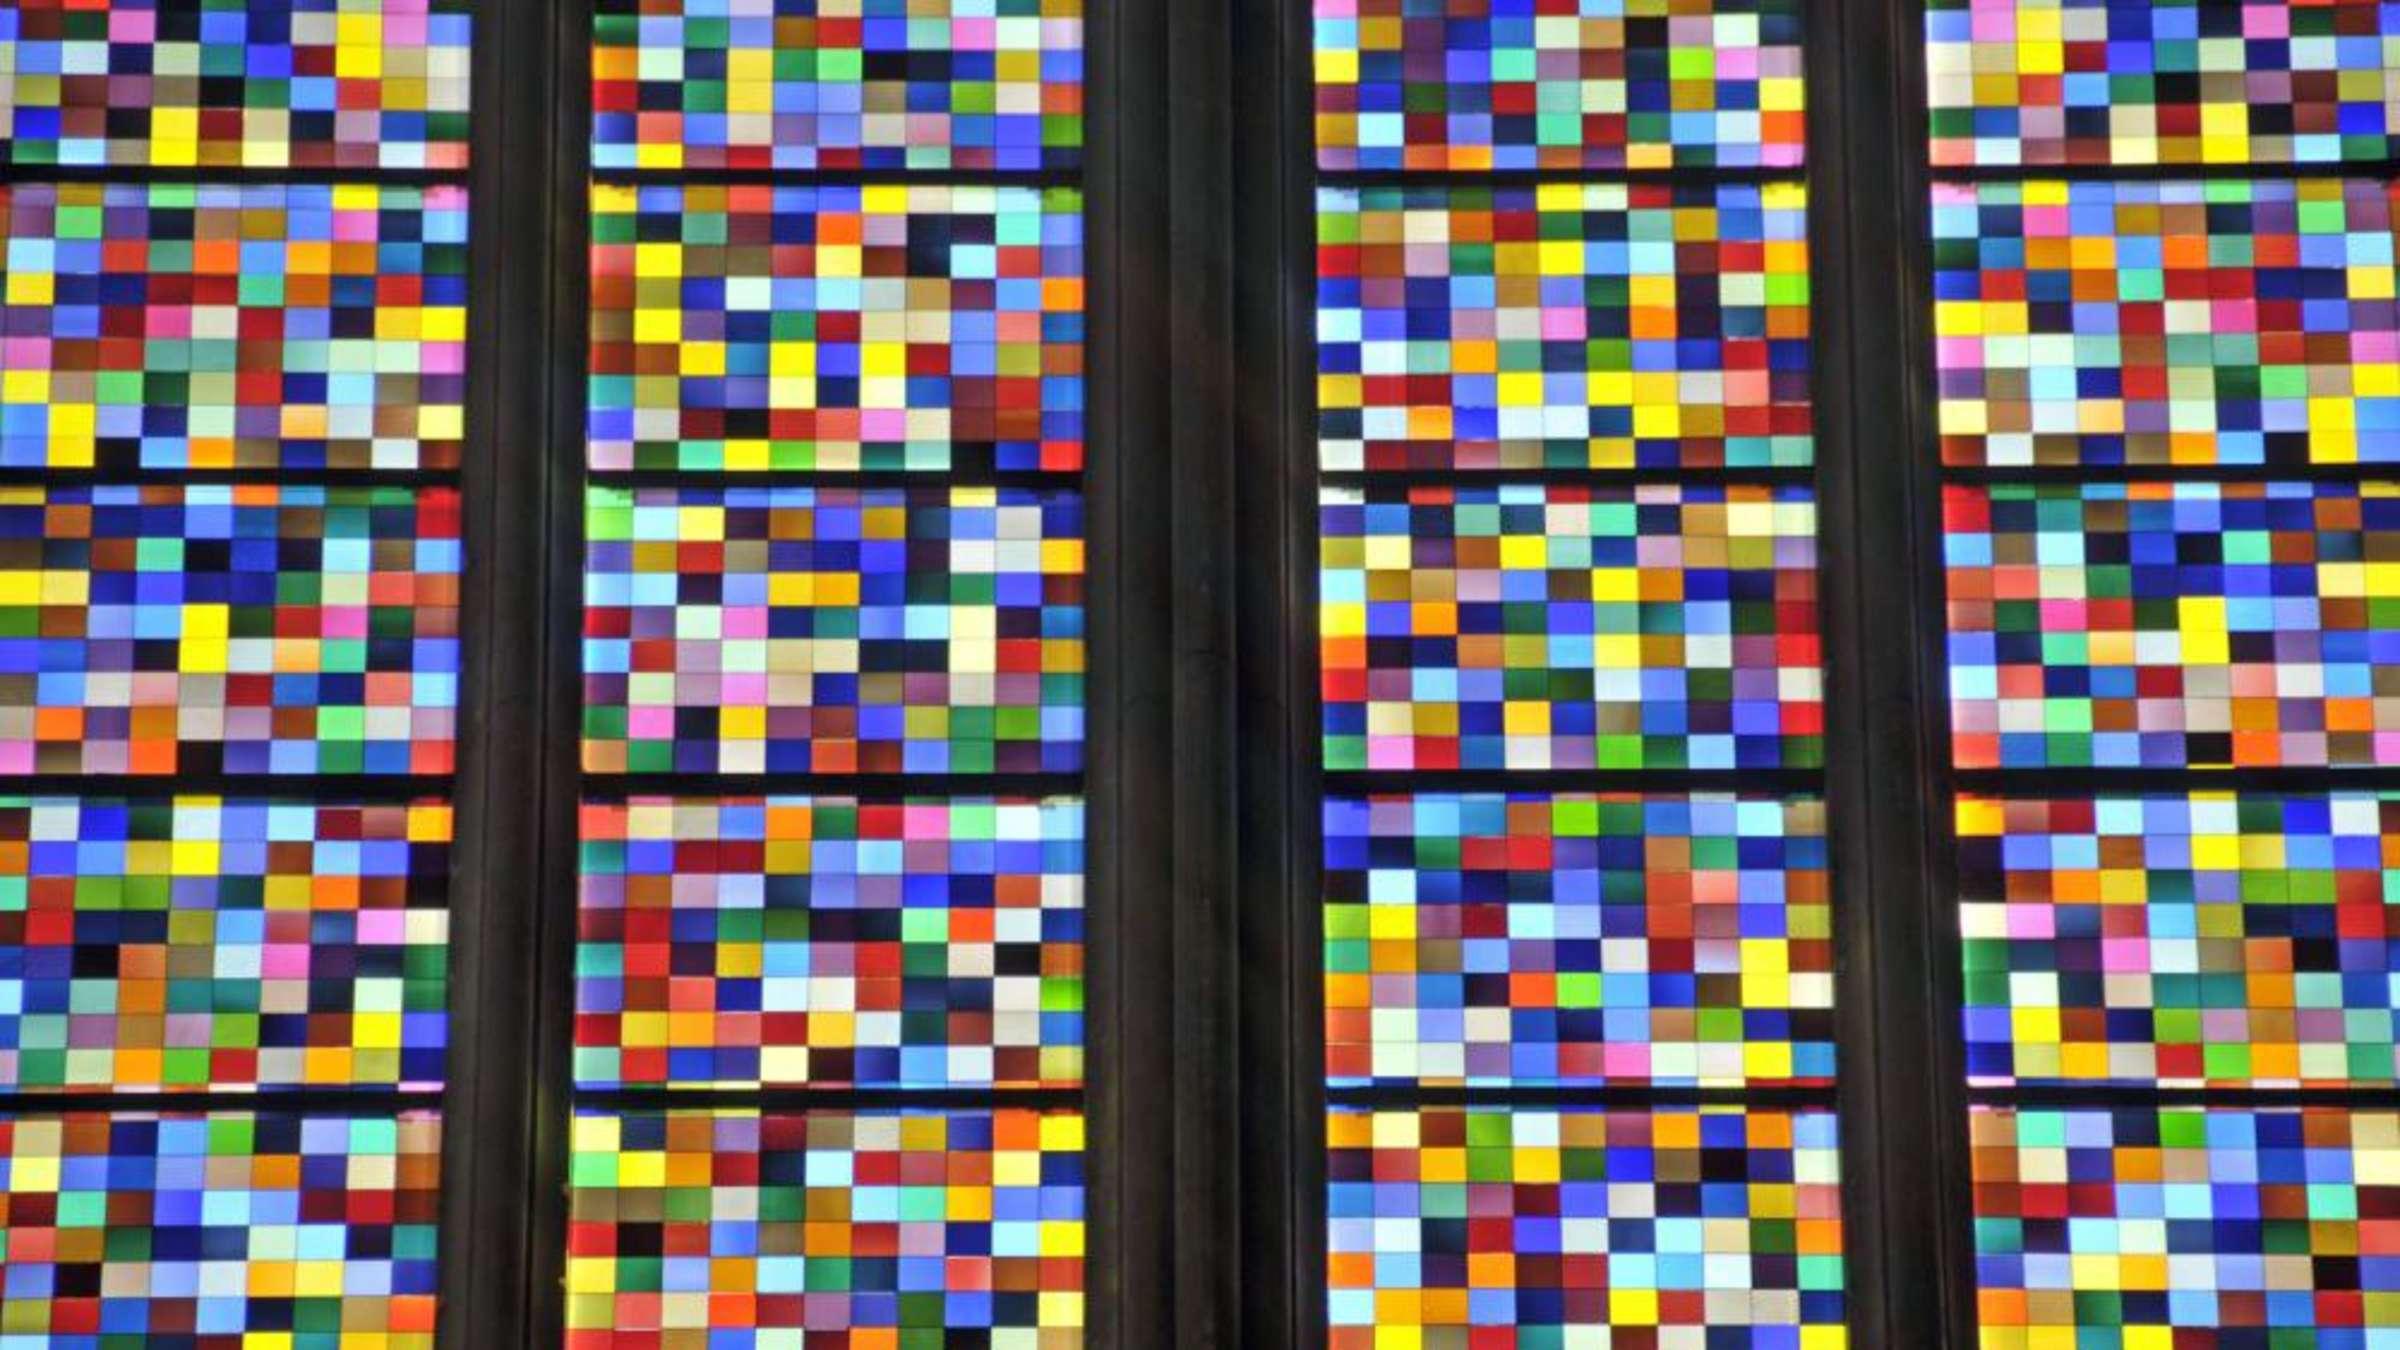 Full Size of Das Konzept Des Zufalls Politik Fenster Schallschutz Folie Für Insektenschutzgitter Sichern Gegen Einbruch Einbruchschutz Nachrüsten Rc3 Beleuchtung Fenster Fenster Köln